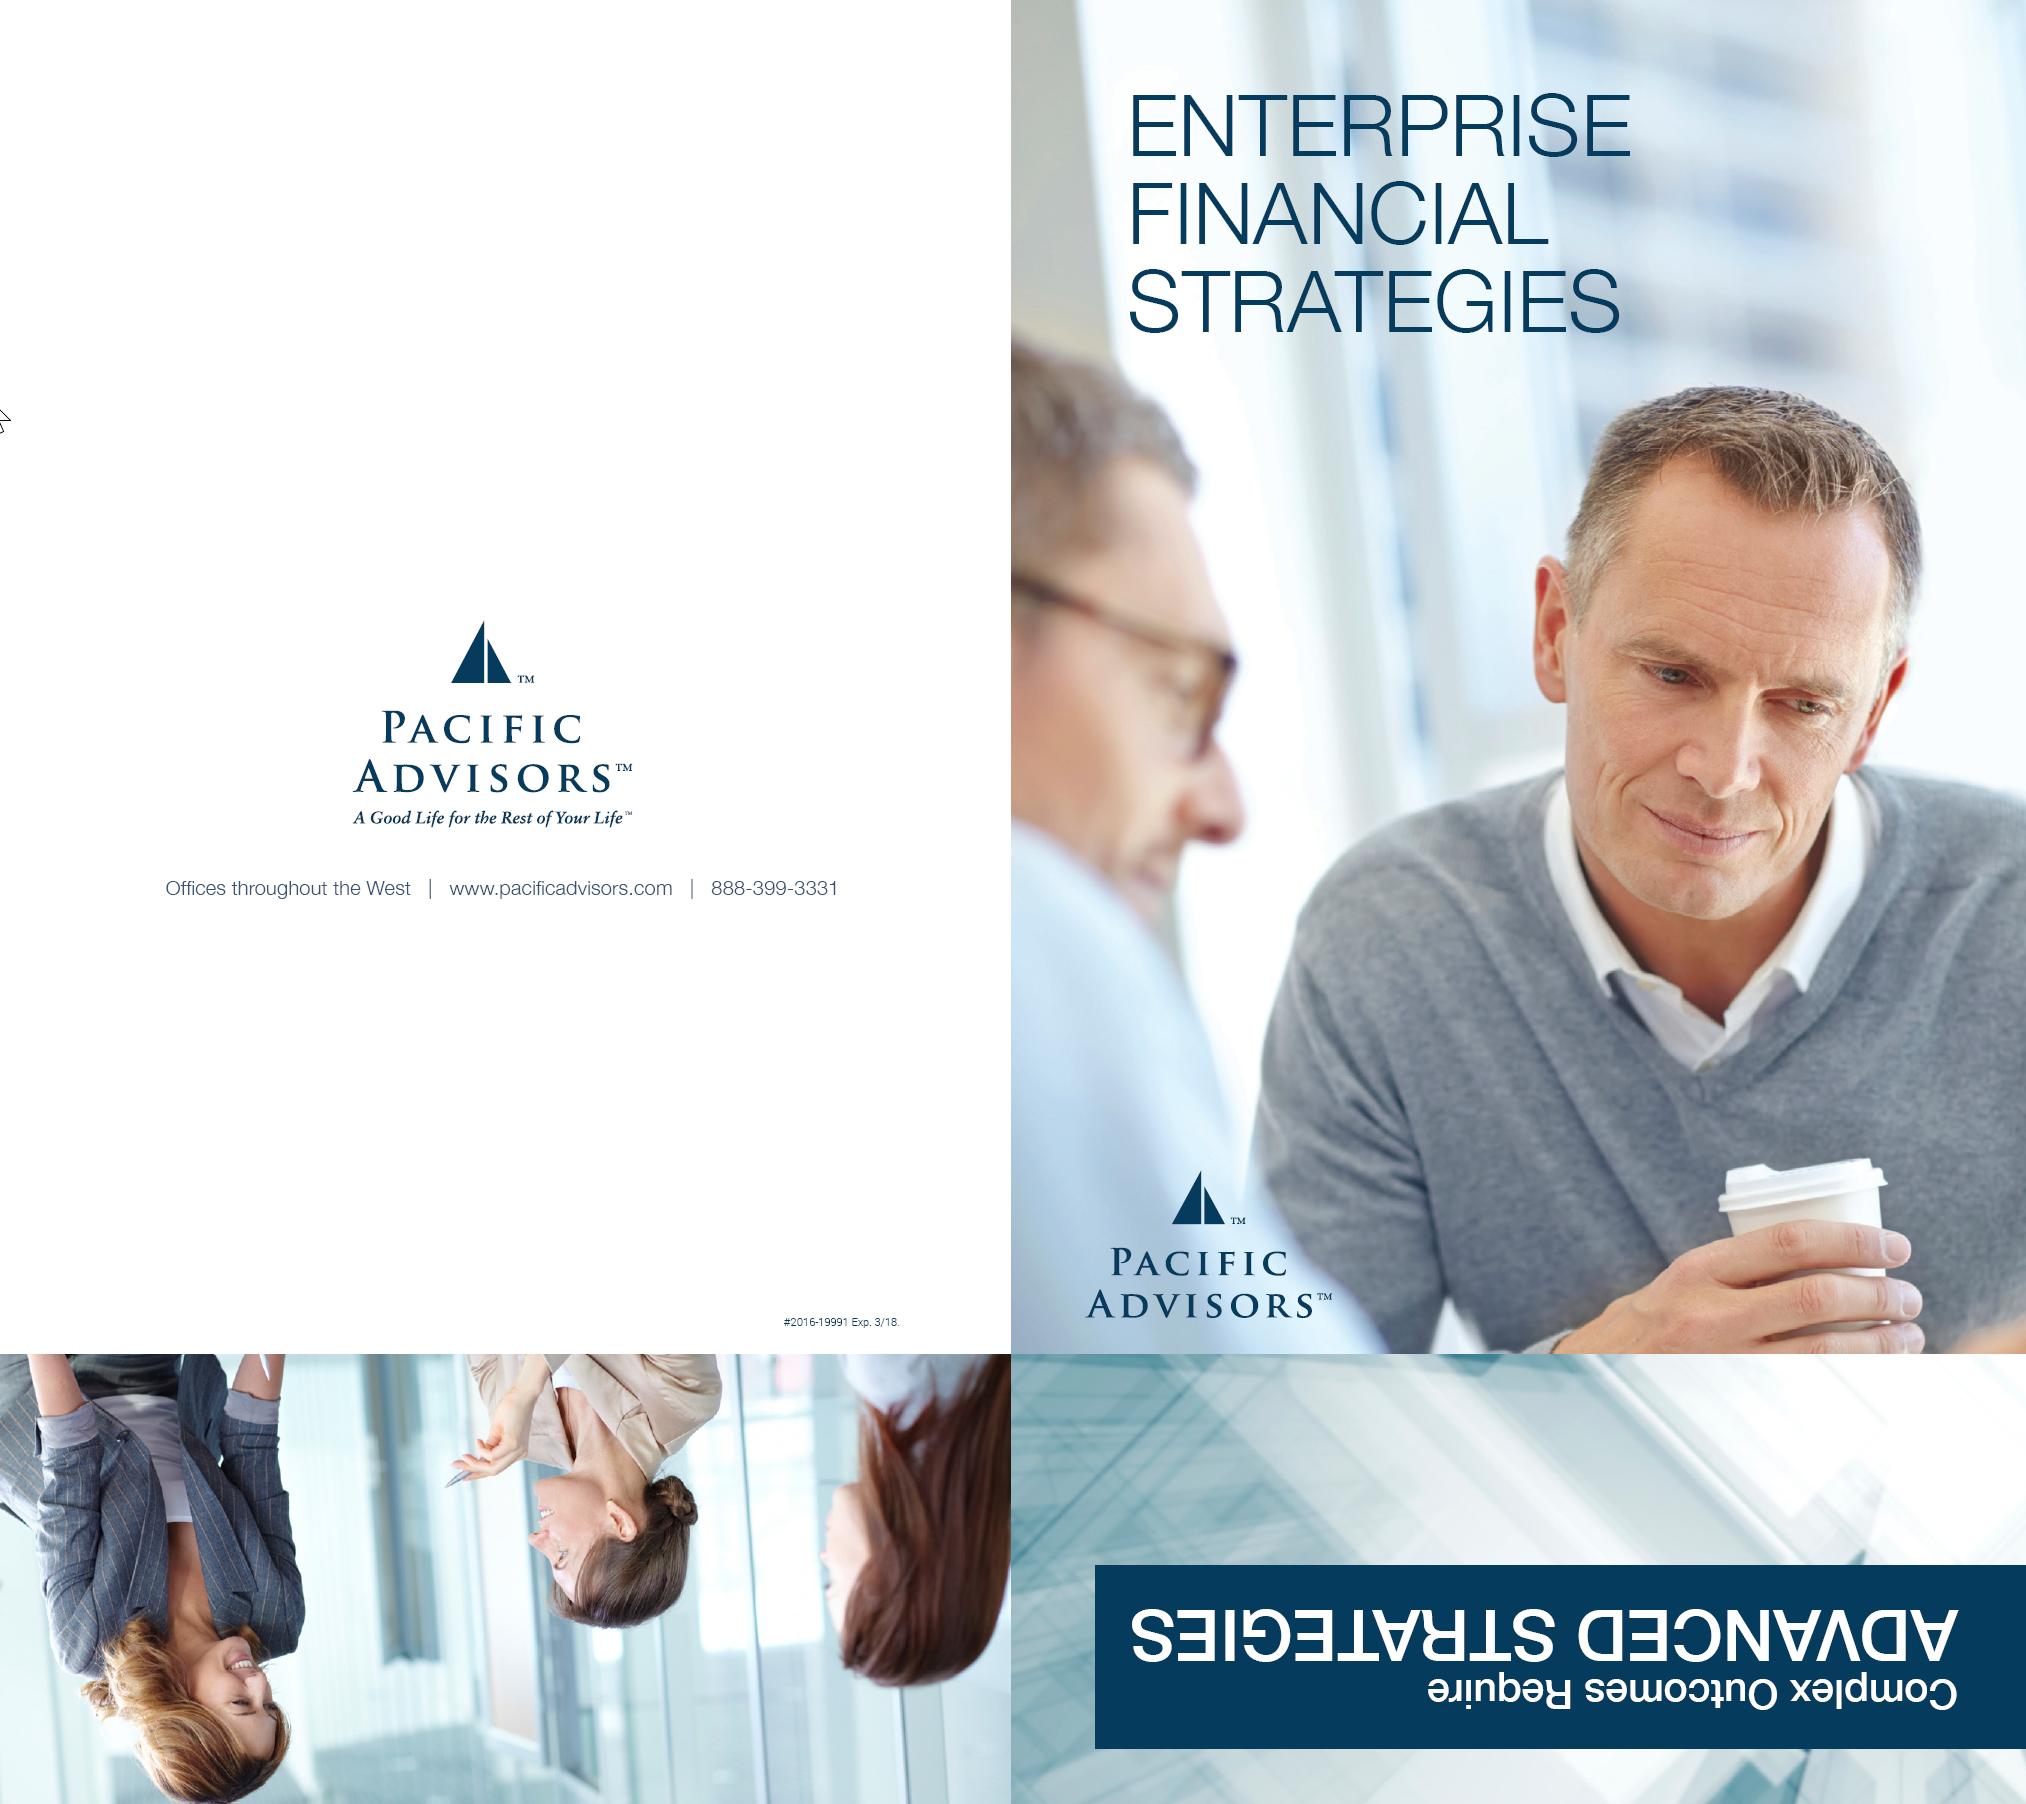 Business Presentation Folder - April 2016